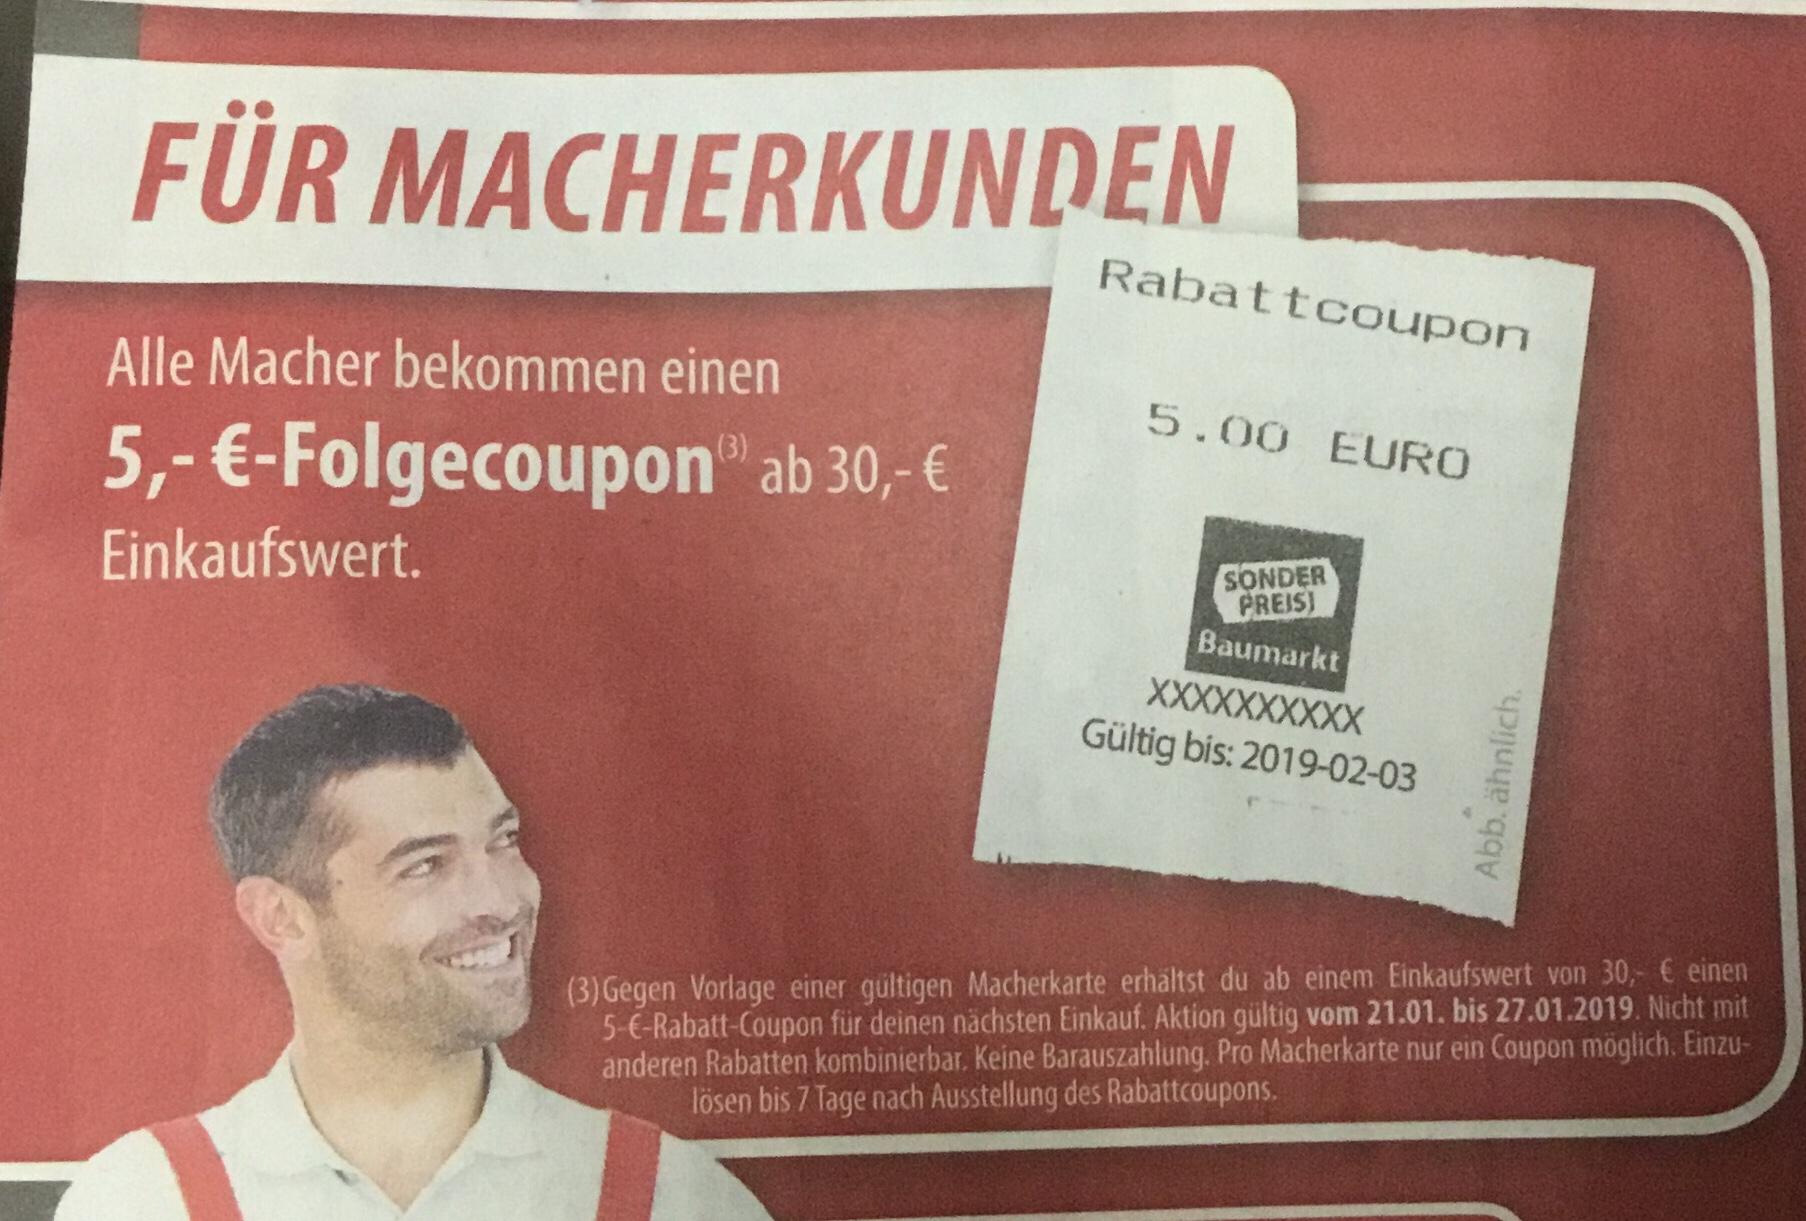 [Sonderpreisbaumarkt, offline] 5€ Rabatt ab 30€ Einkauf mit Kundenkarte